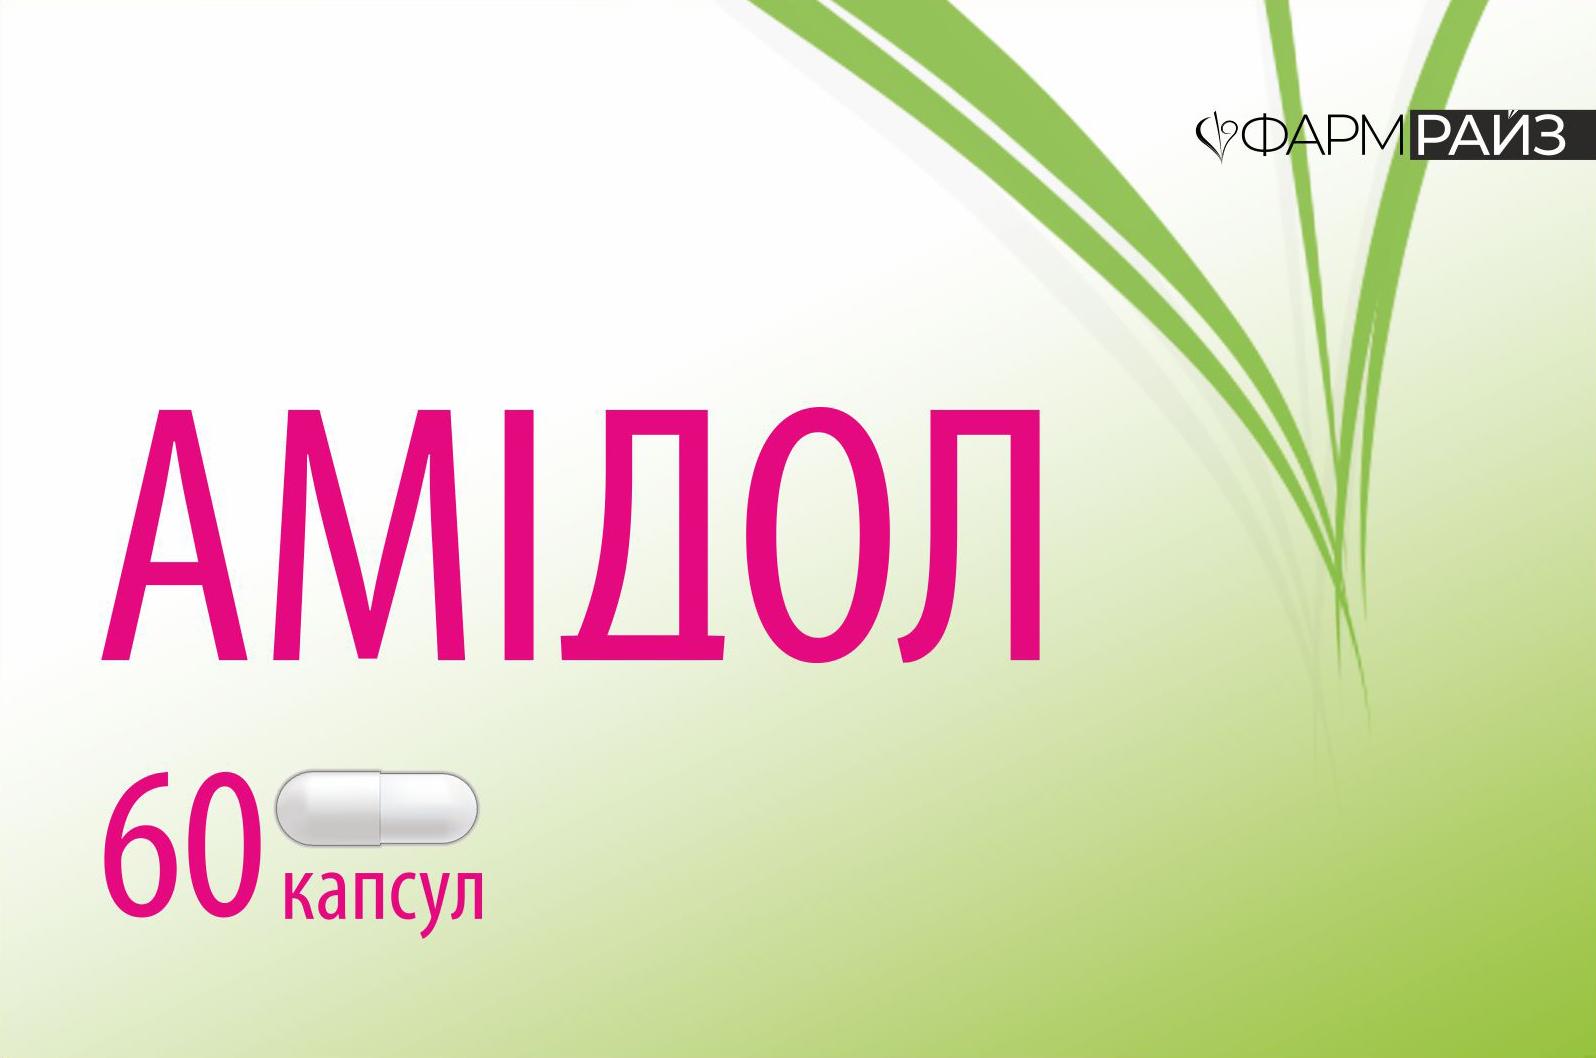 Упаковка препарату Амідол